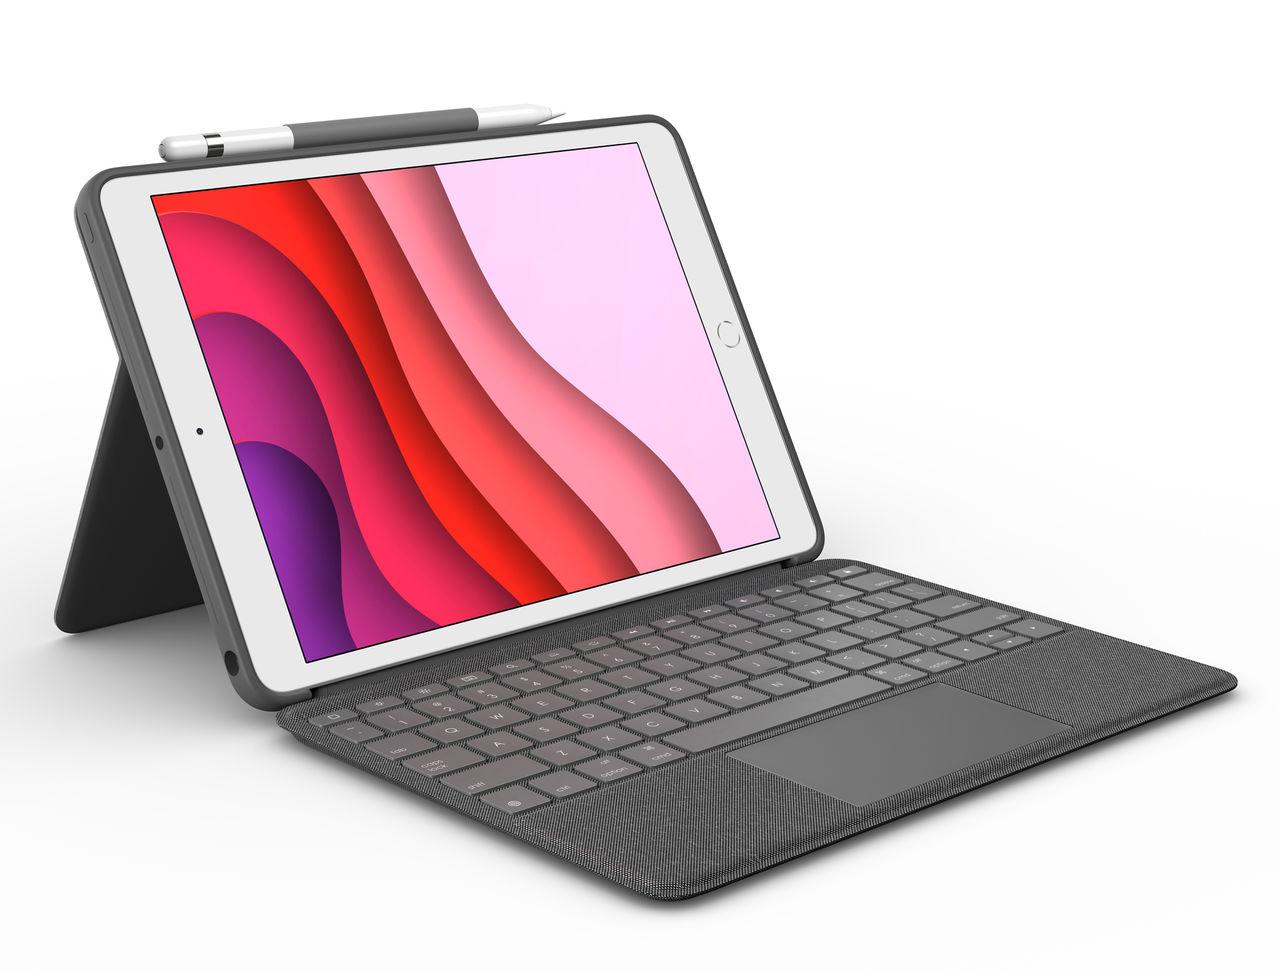 Logitech presenterar tangenbord med trackpad till äldre iPads